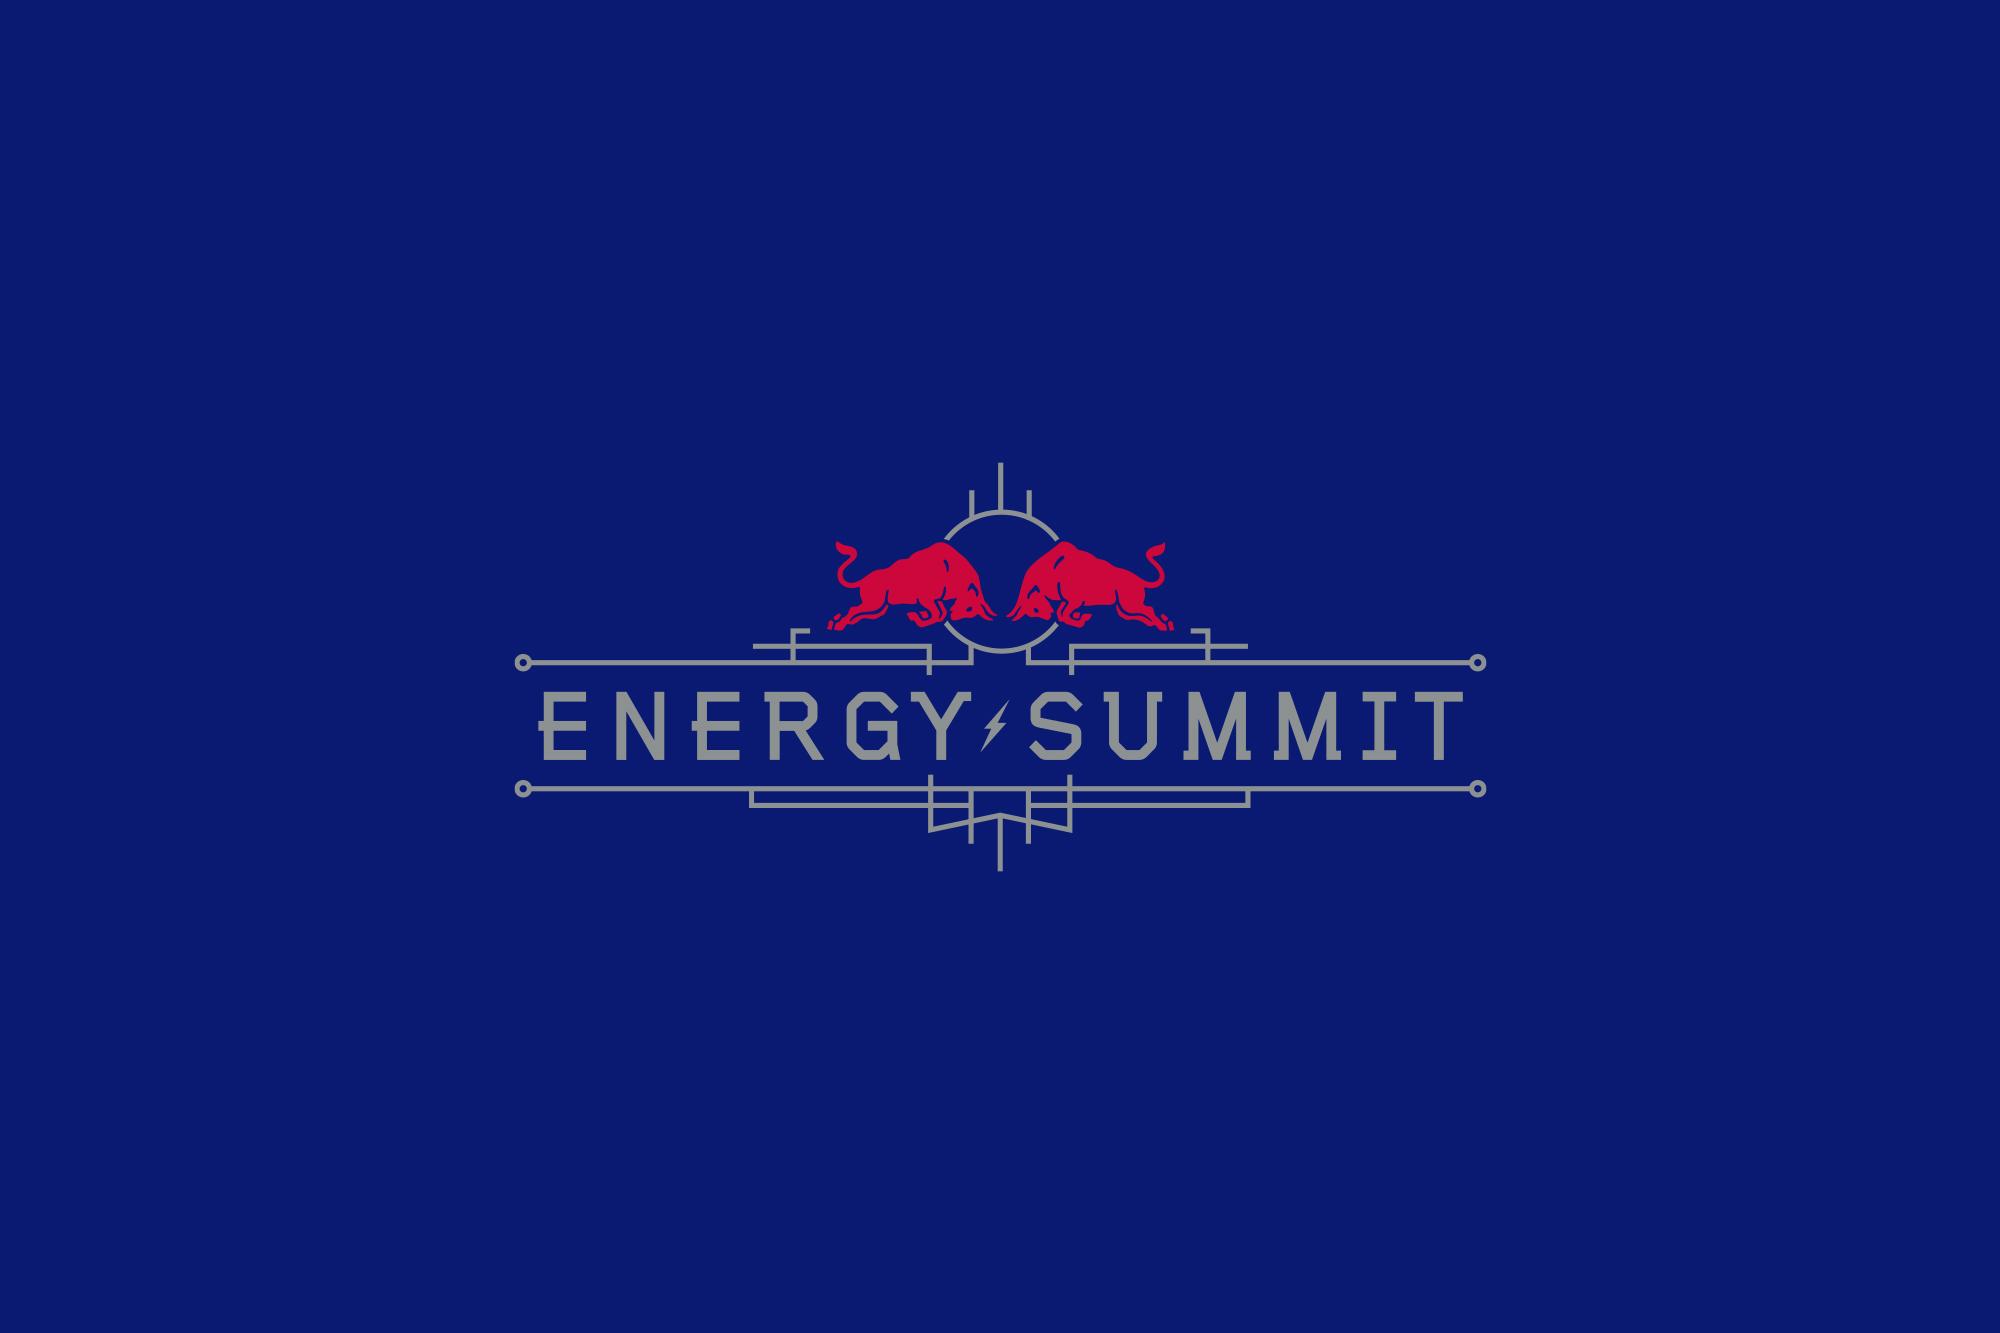 Energy_Summit_1.jpg